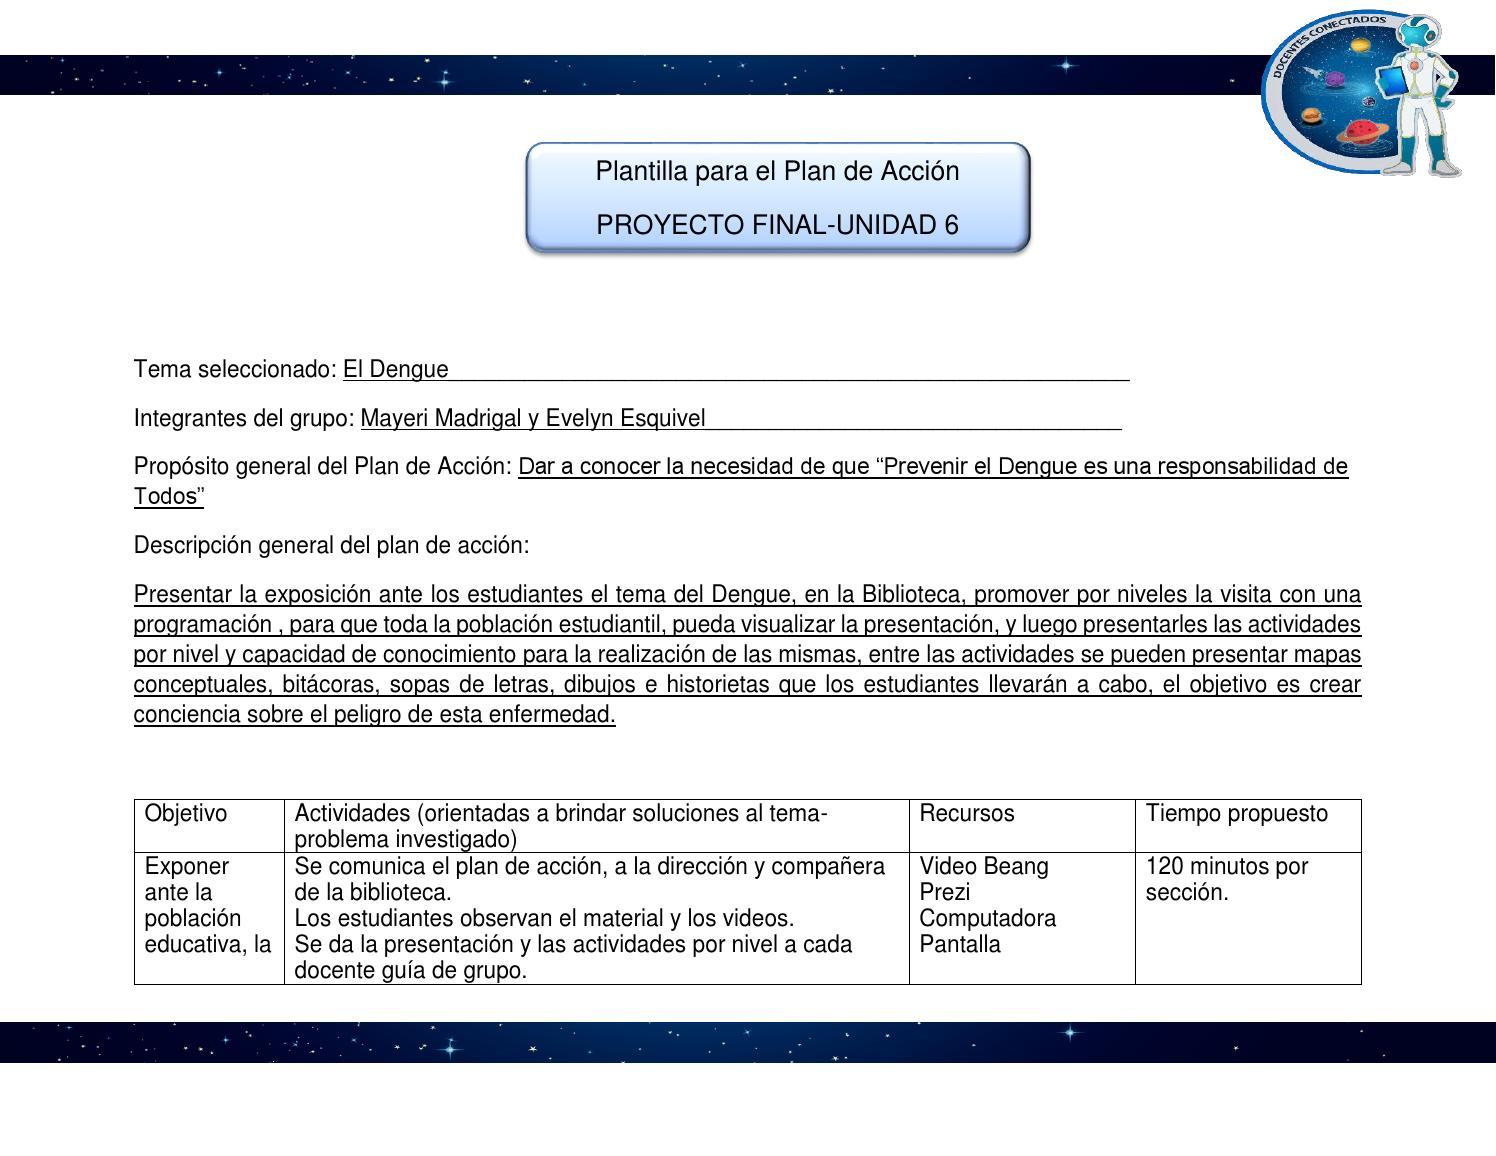 Plantilla para el plan de acción (1) dengue by Evelyn Esquivel - issuu